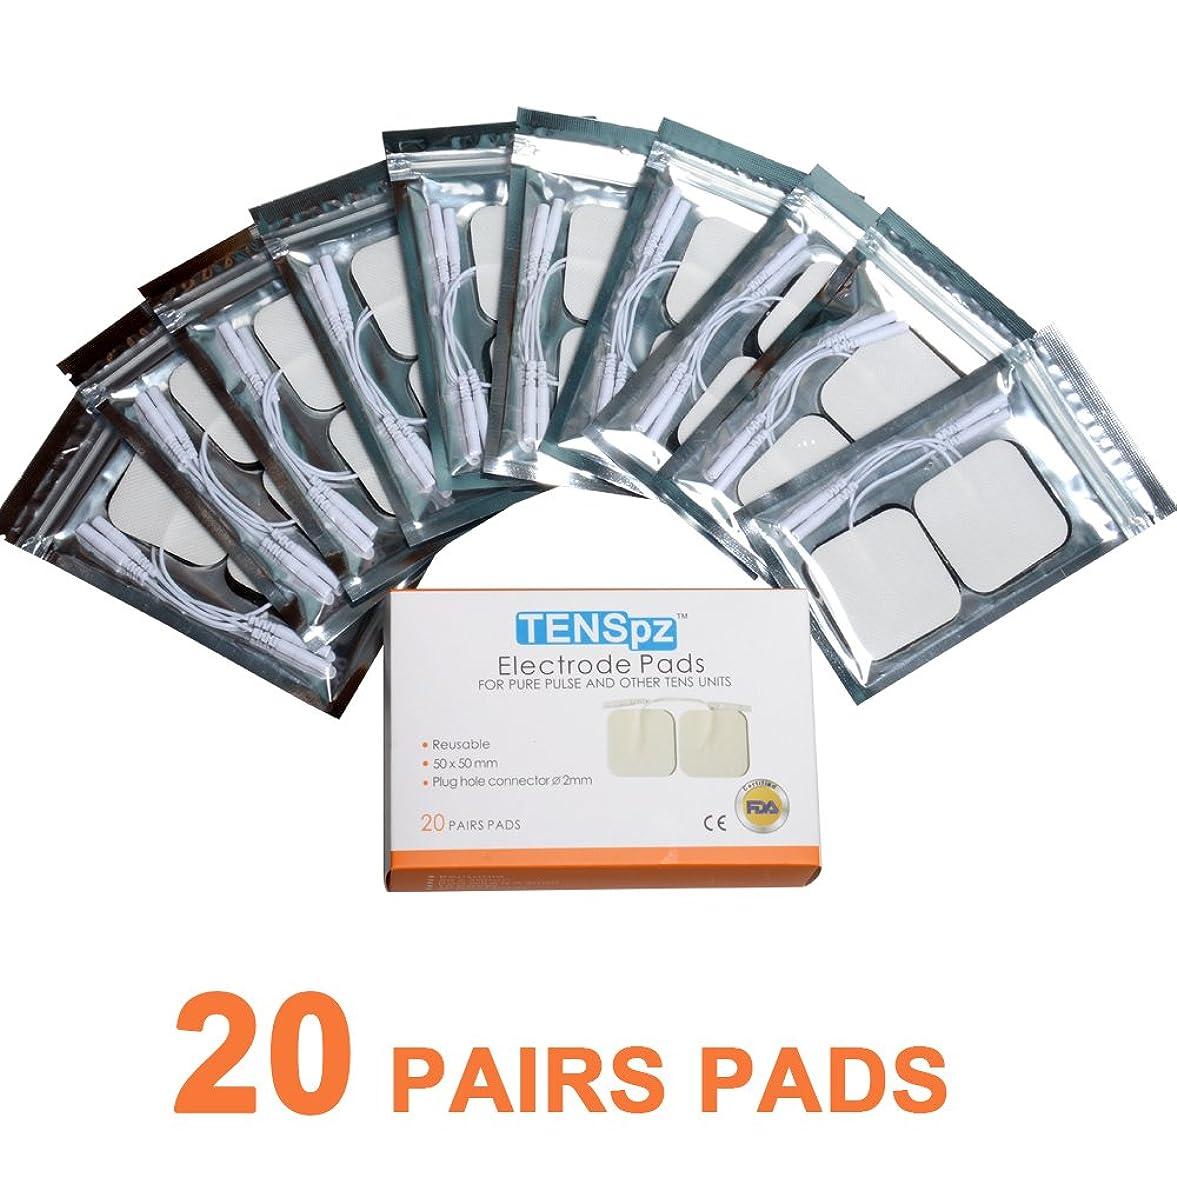 華氏トランクライブラリマルクス主義Tens pz 粘着パッド 低周波用 5*5cm電極パッド ,10袋,4枚入り/袋